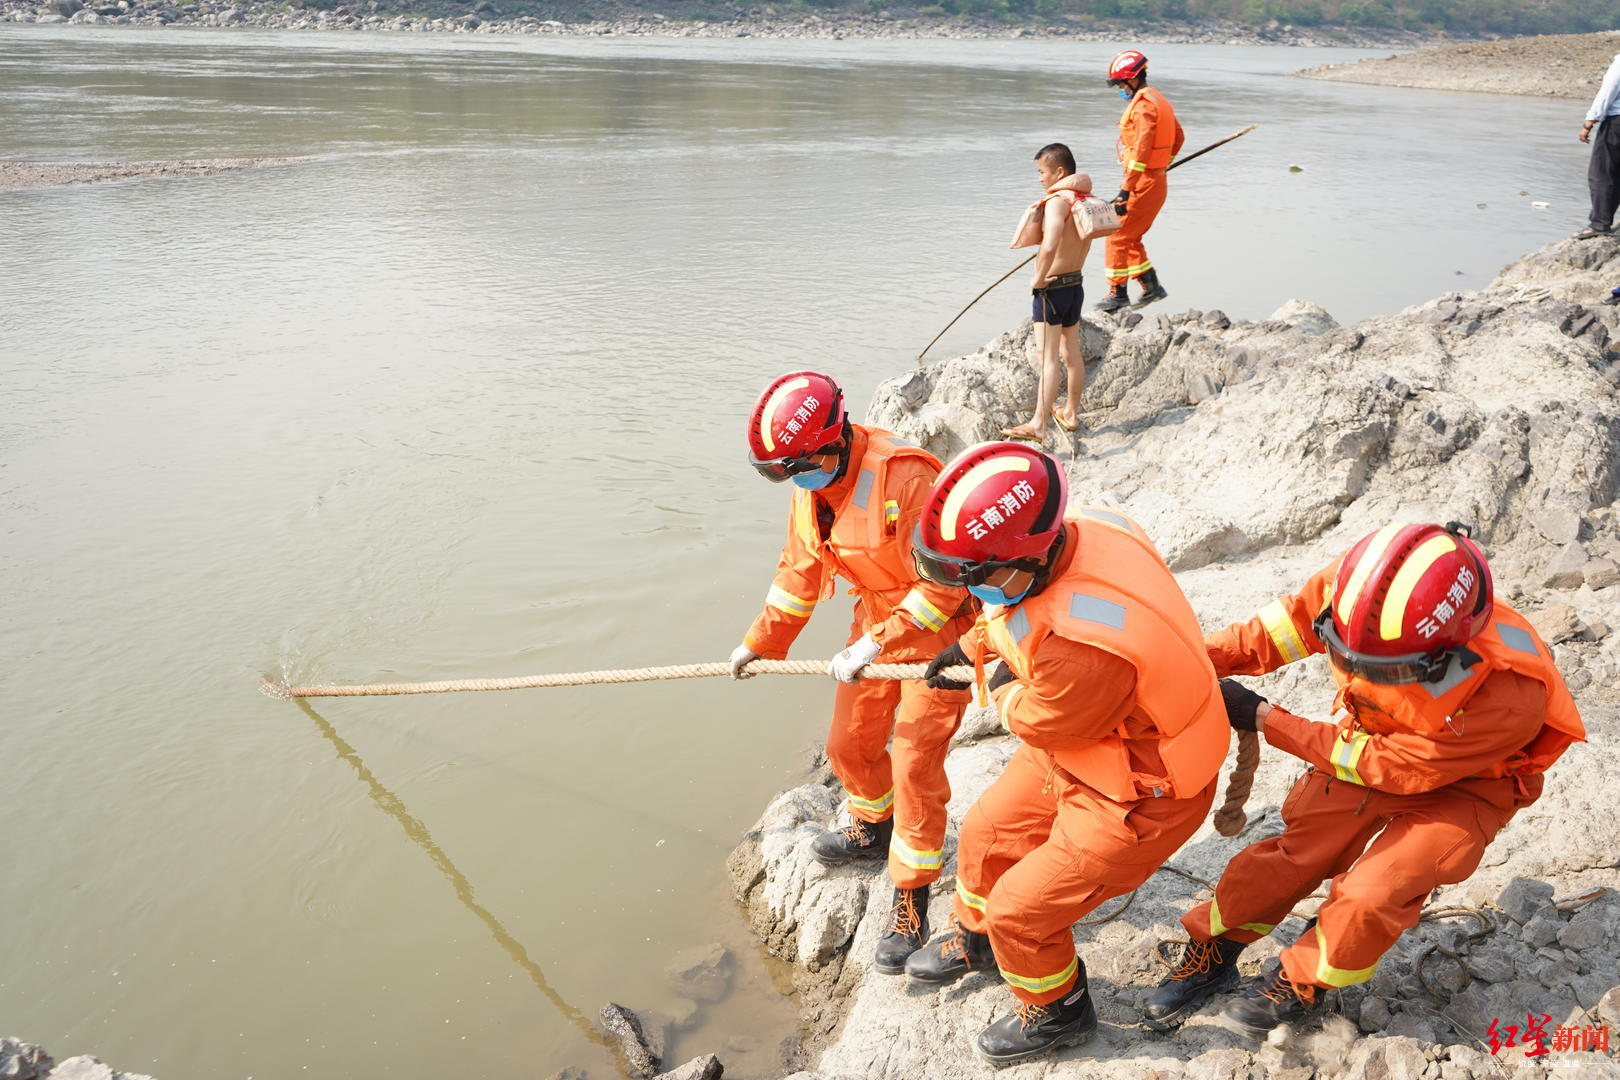 云南16岁少年怒江营救溺水同伴不幸遇难